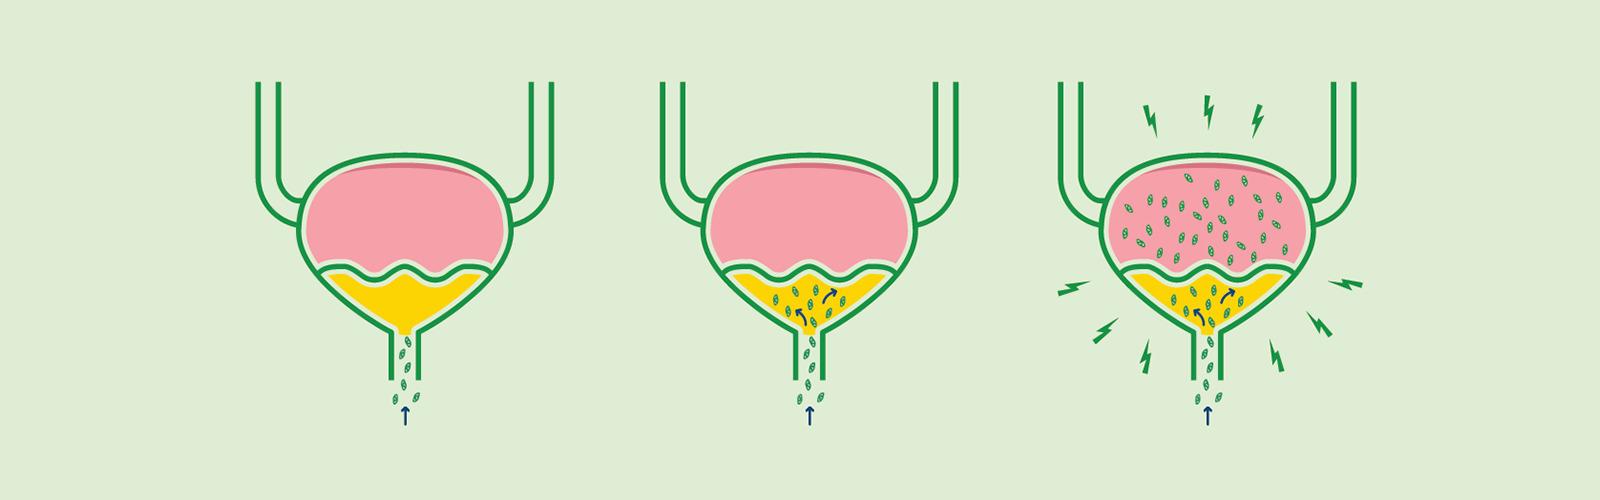 Illustration de la manière dont les bactéries infectent la vessie lors d'une infection urinaire